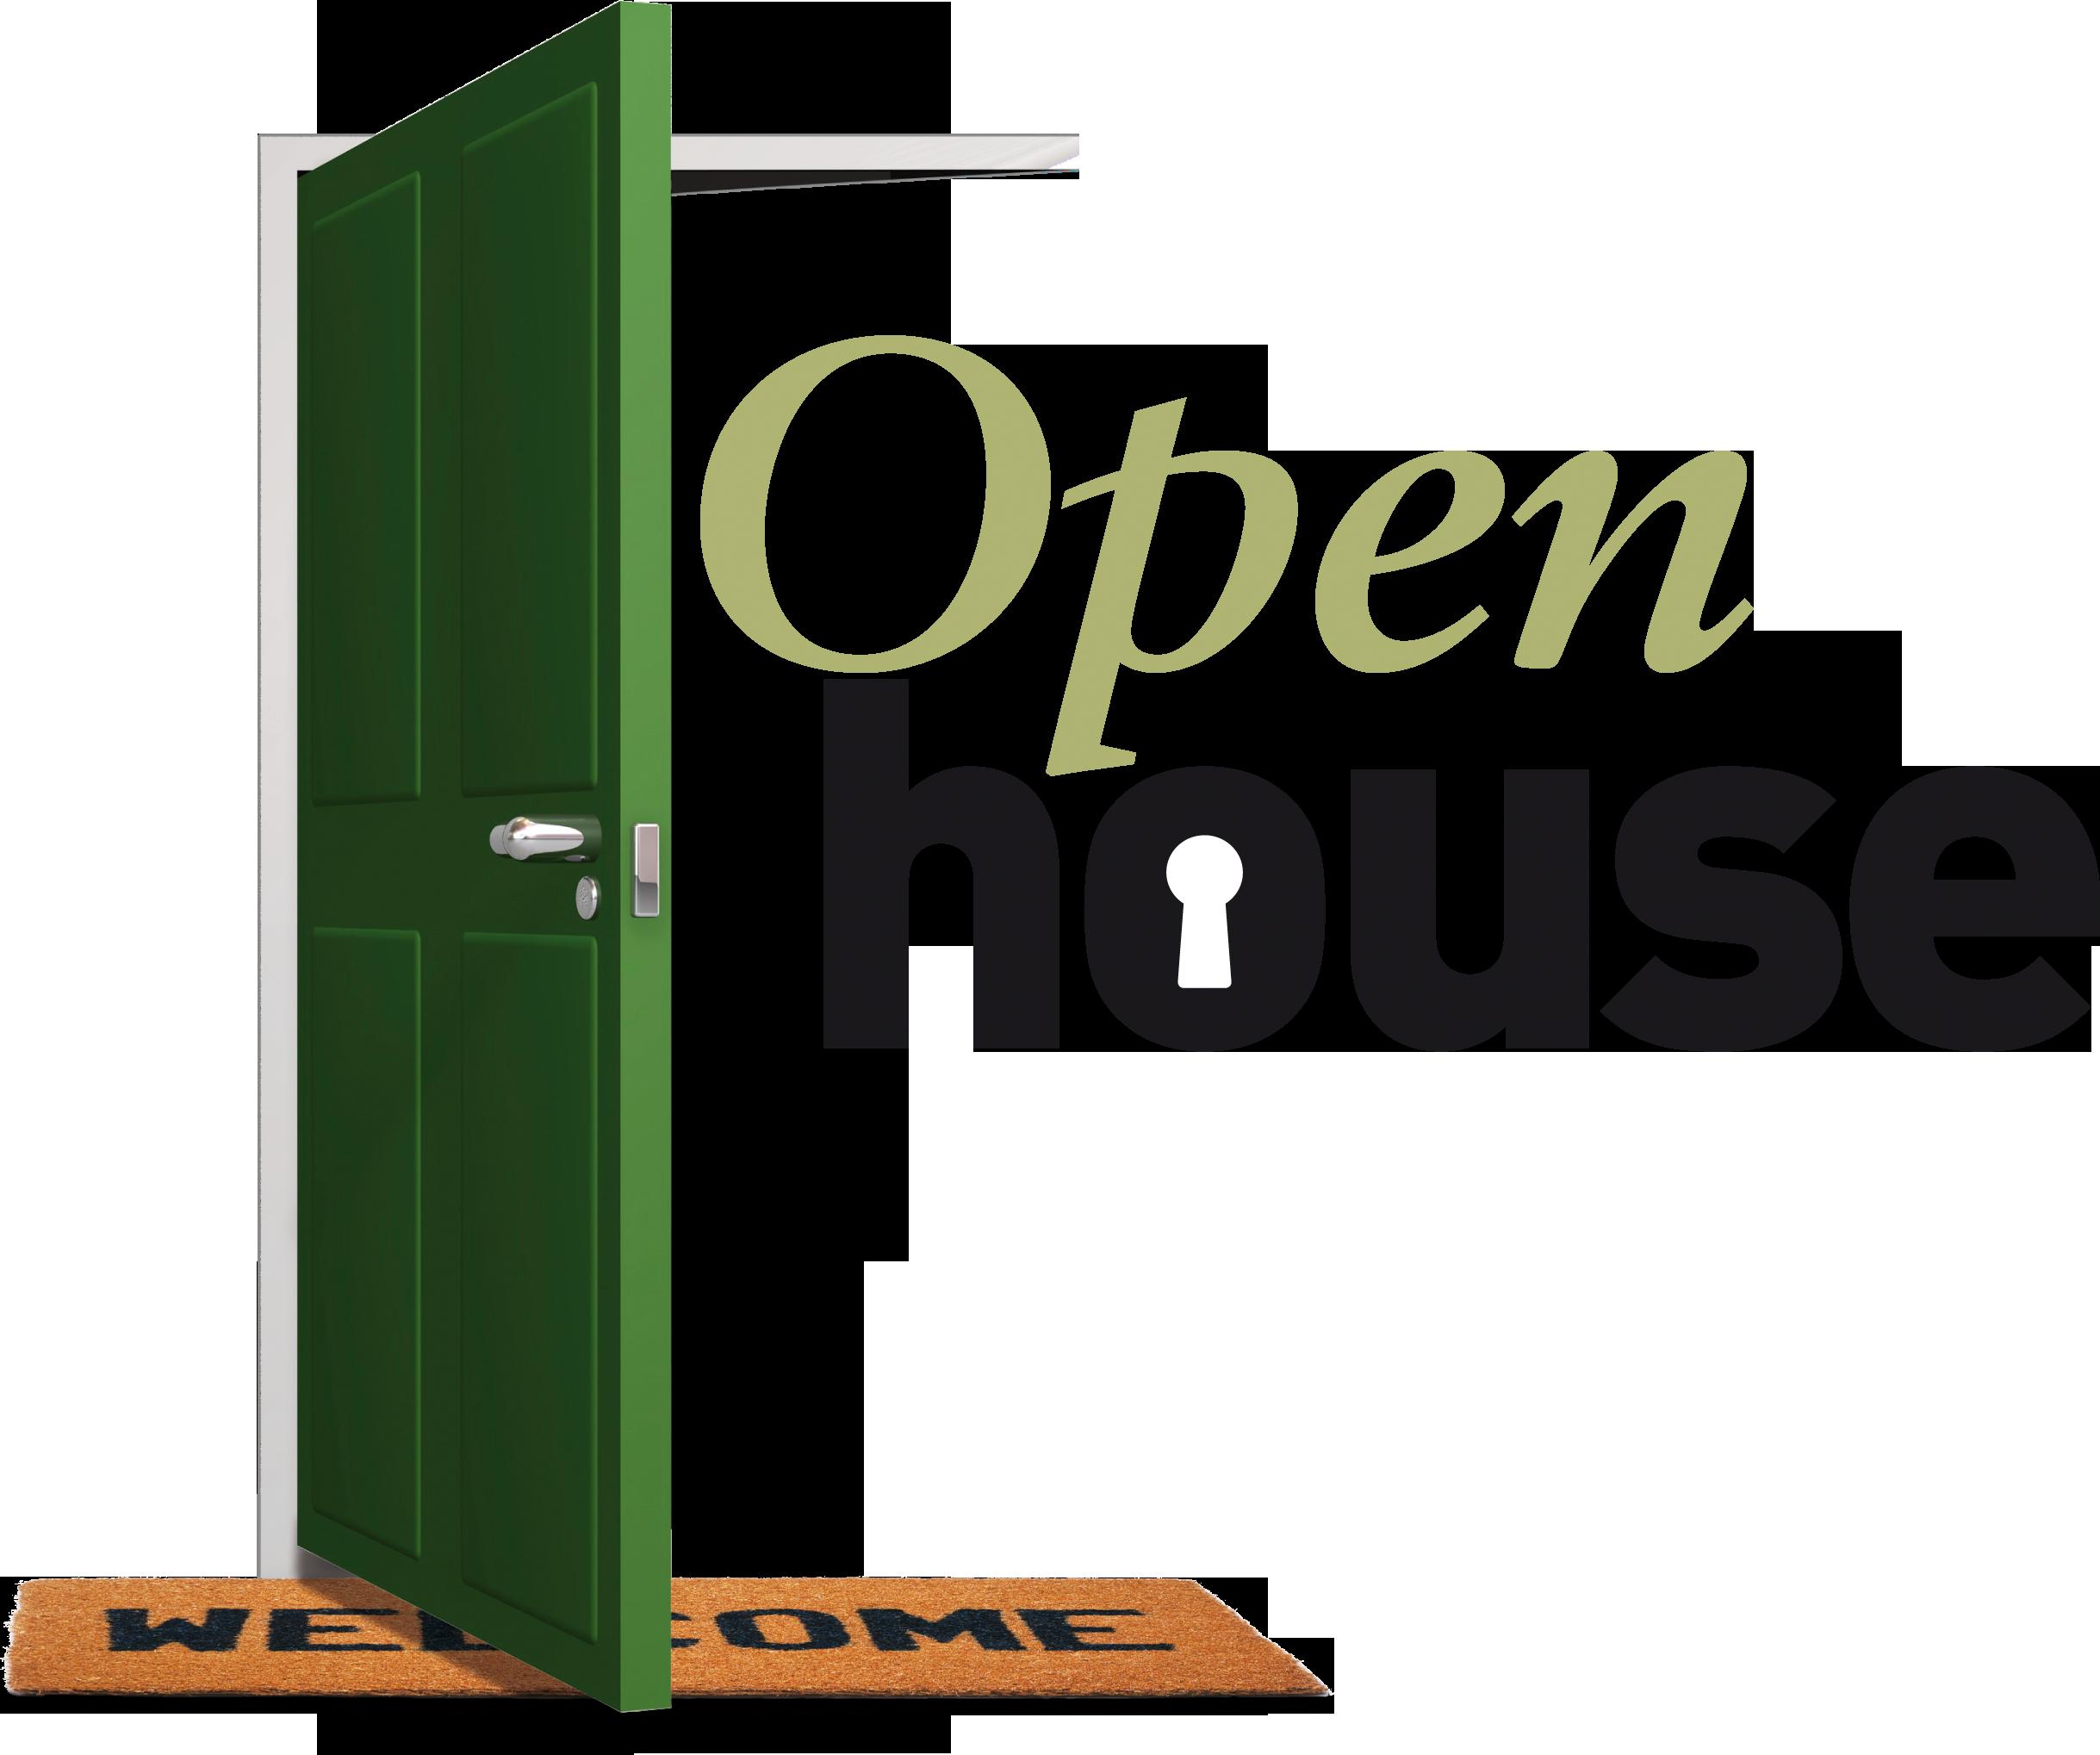 green-door-w-welcome-mat-open-house1.png